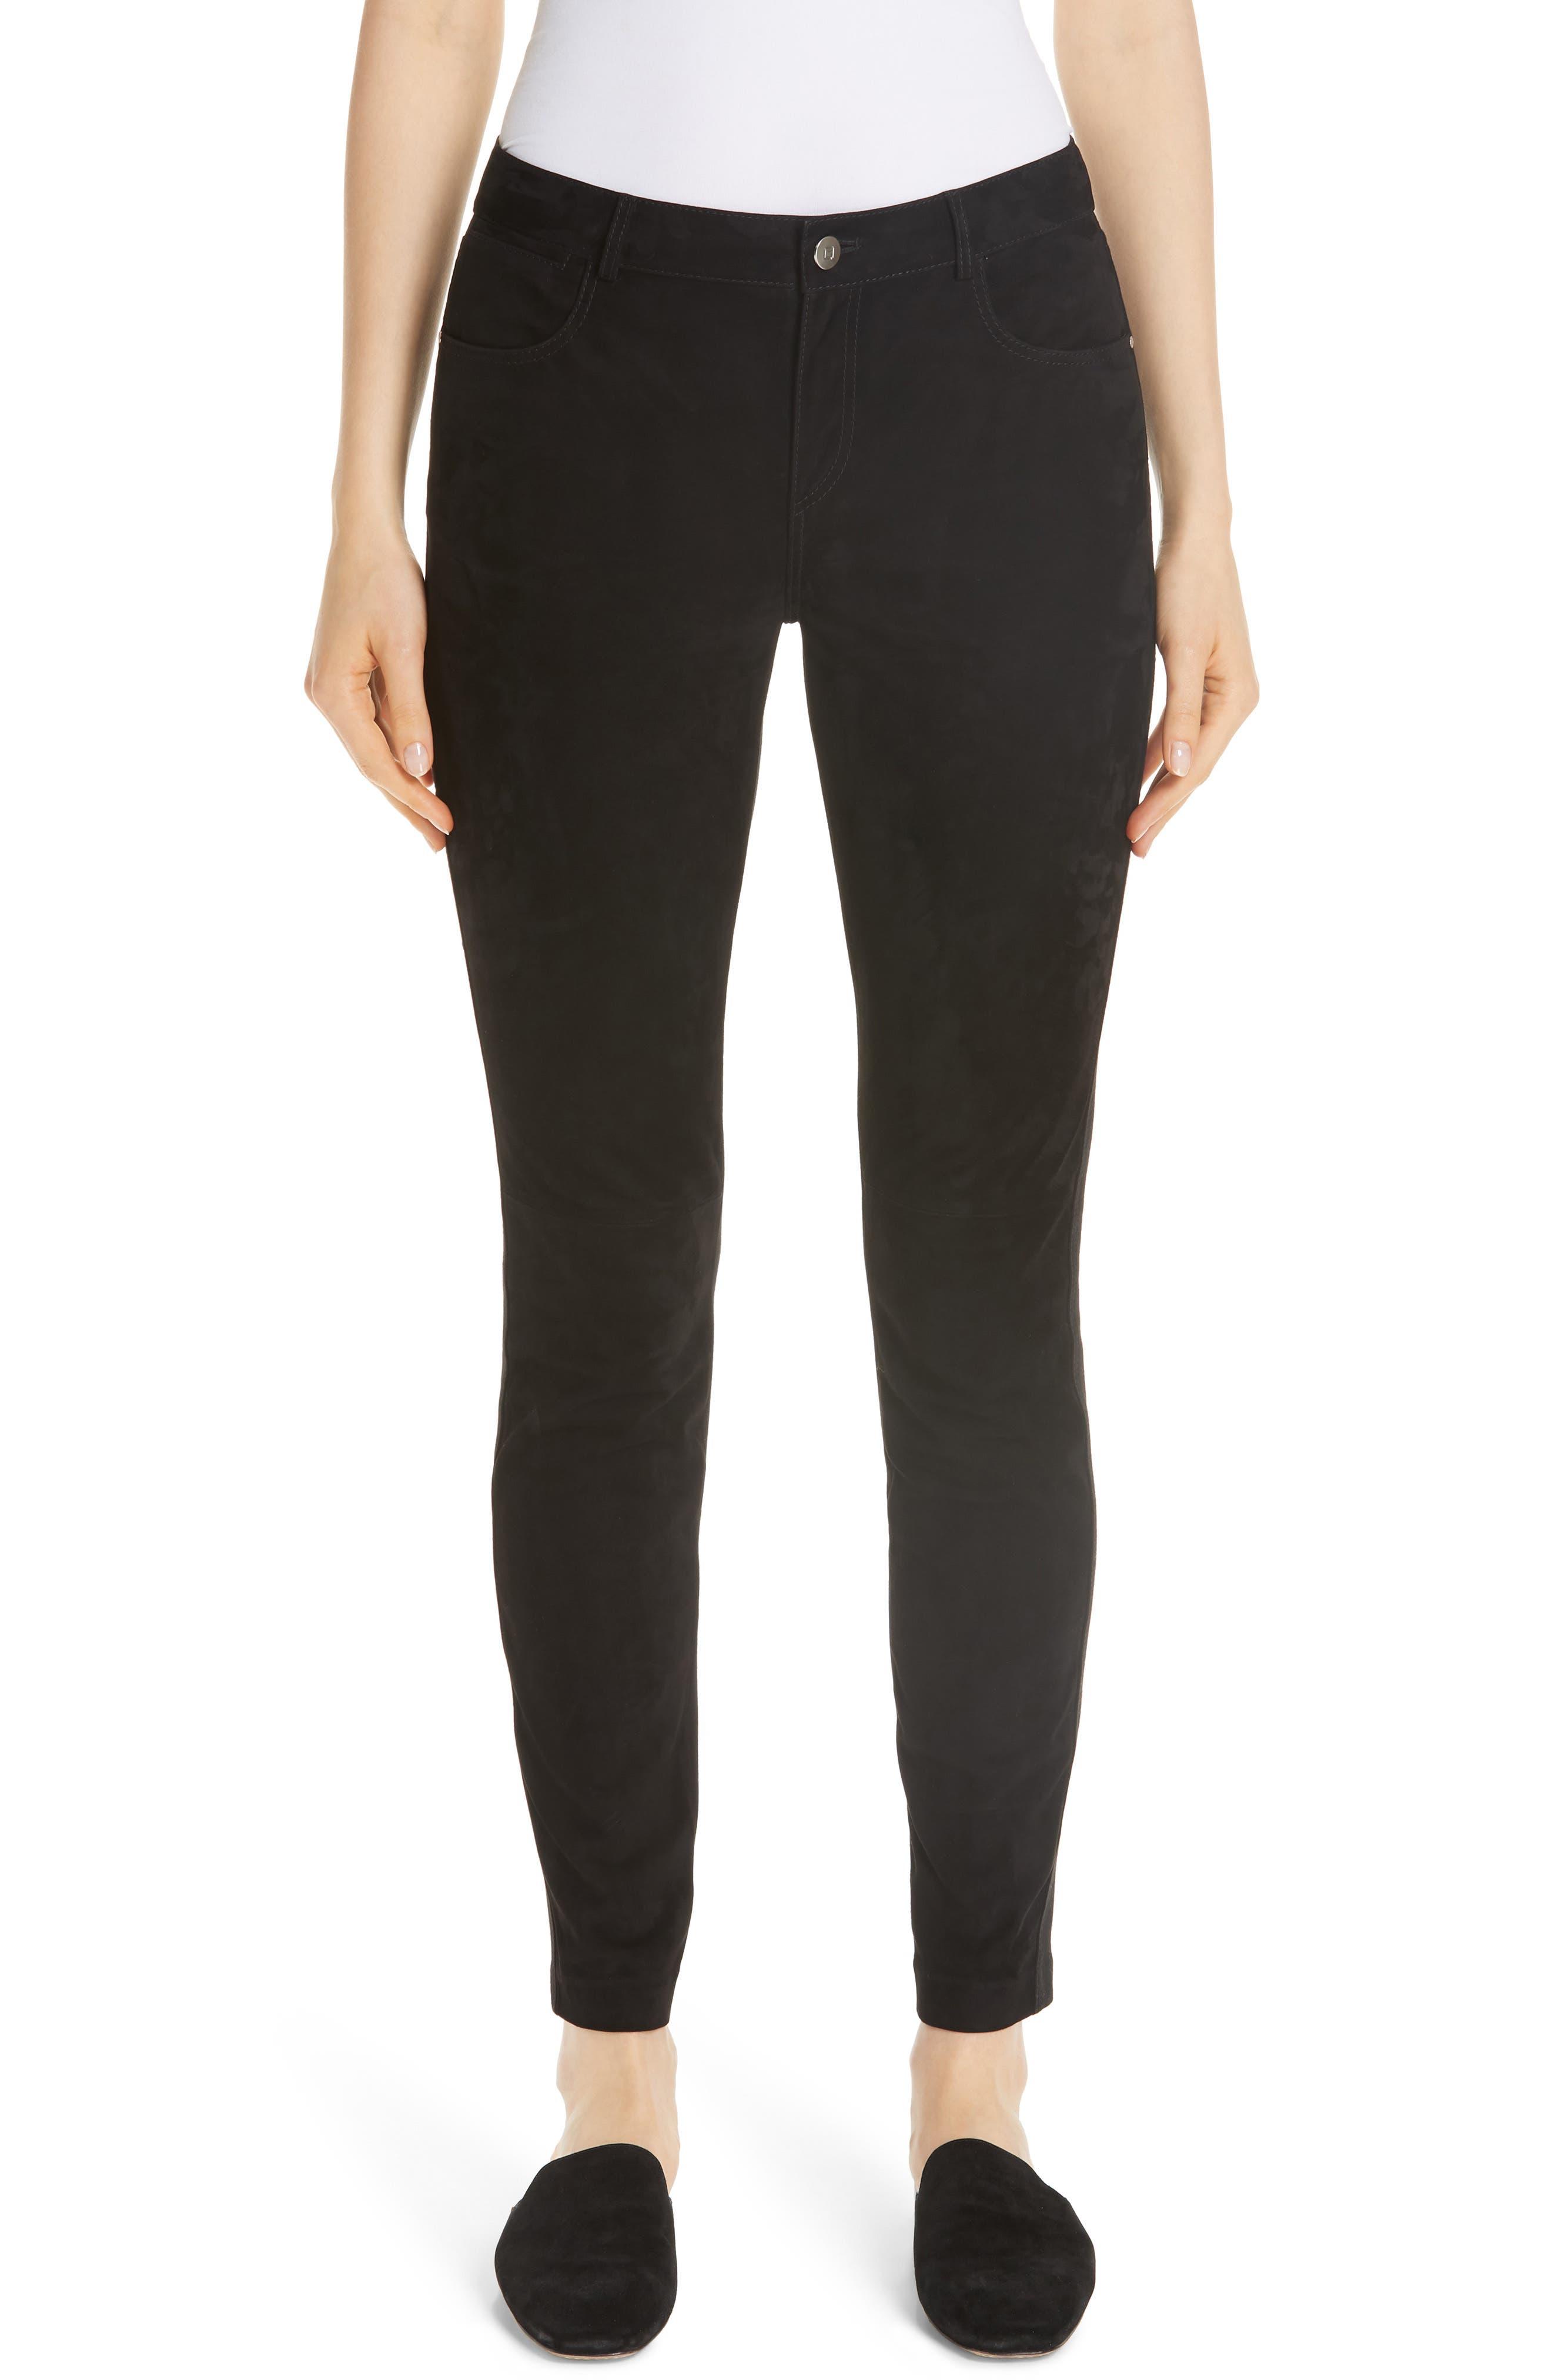 Mercer Skinny Suede & Ponte Pants in Black